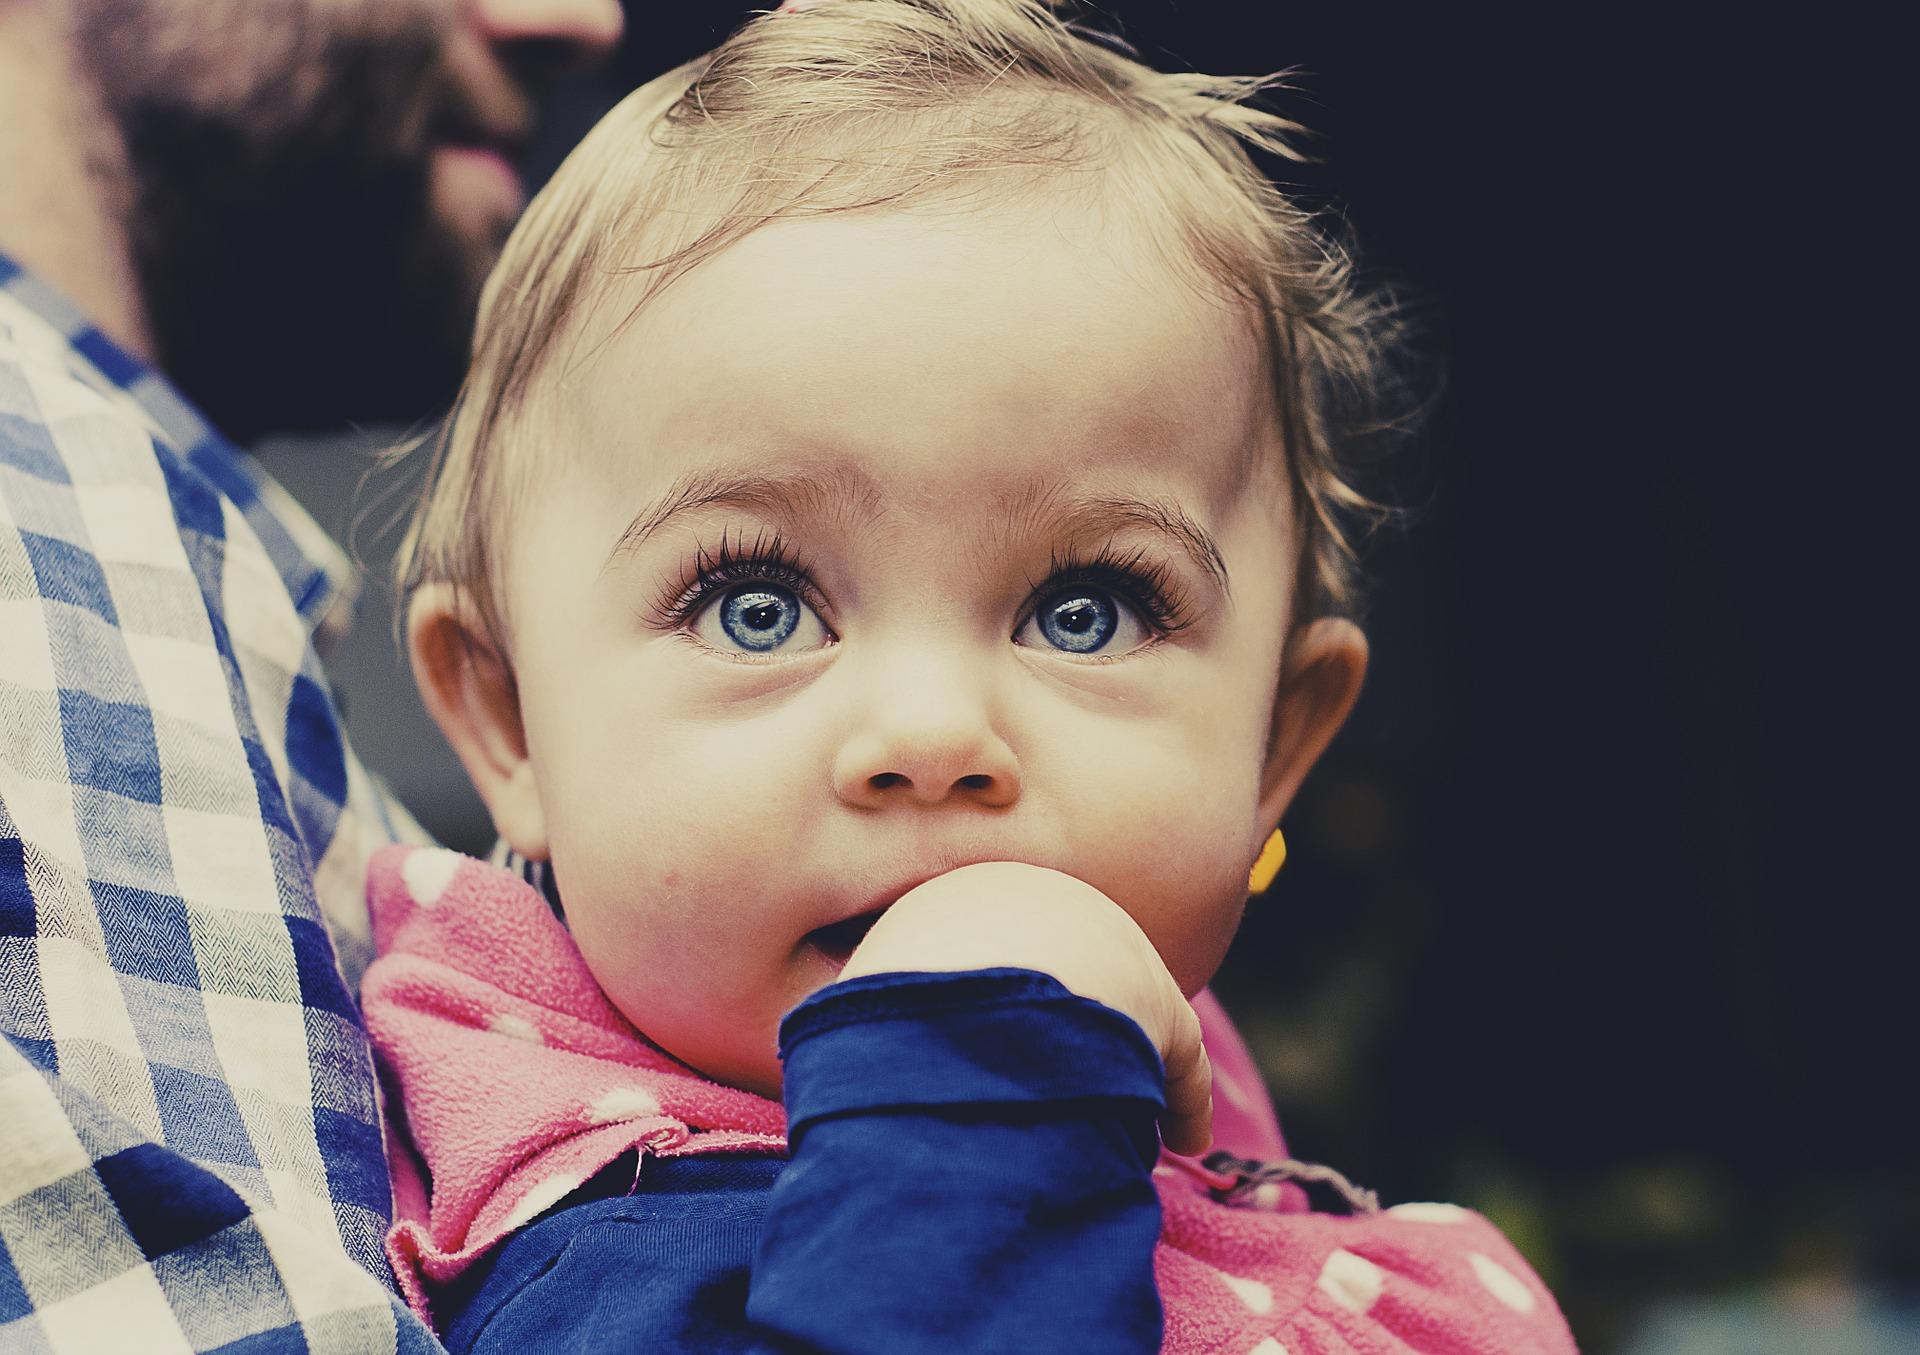 Noworodek na sali porodowej – co oceniamy?